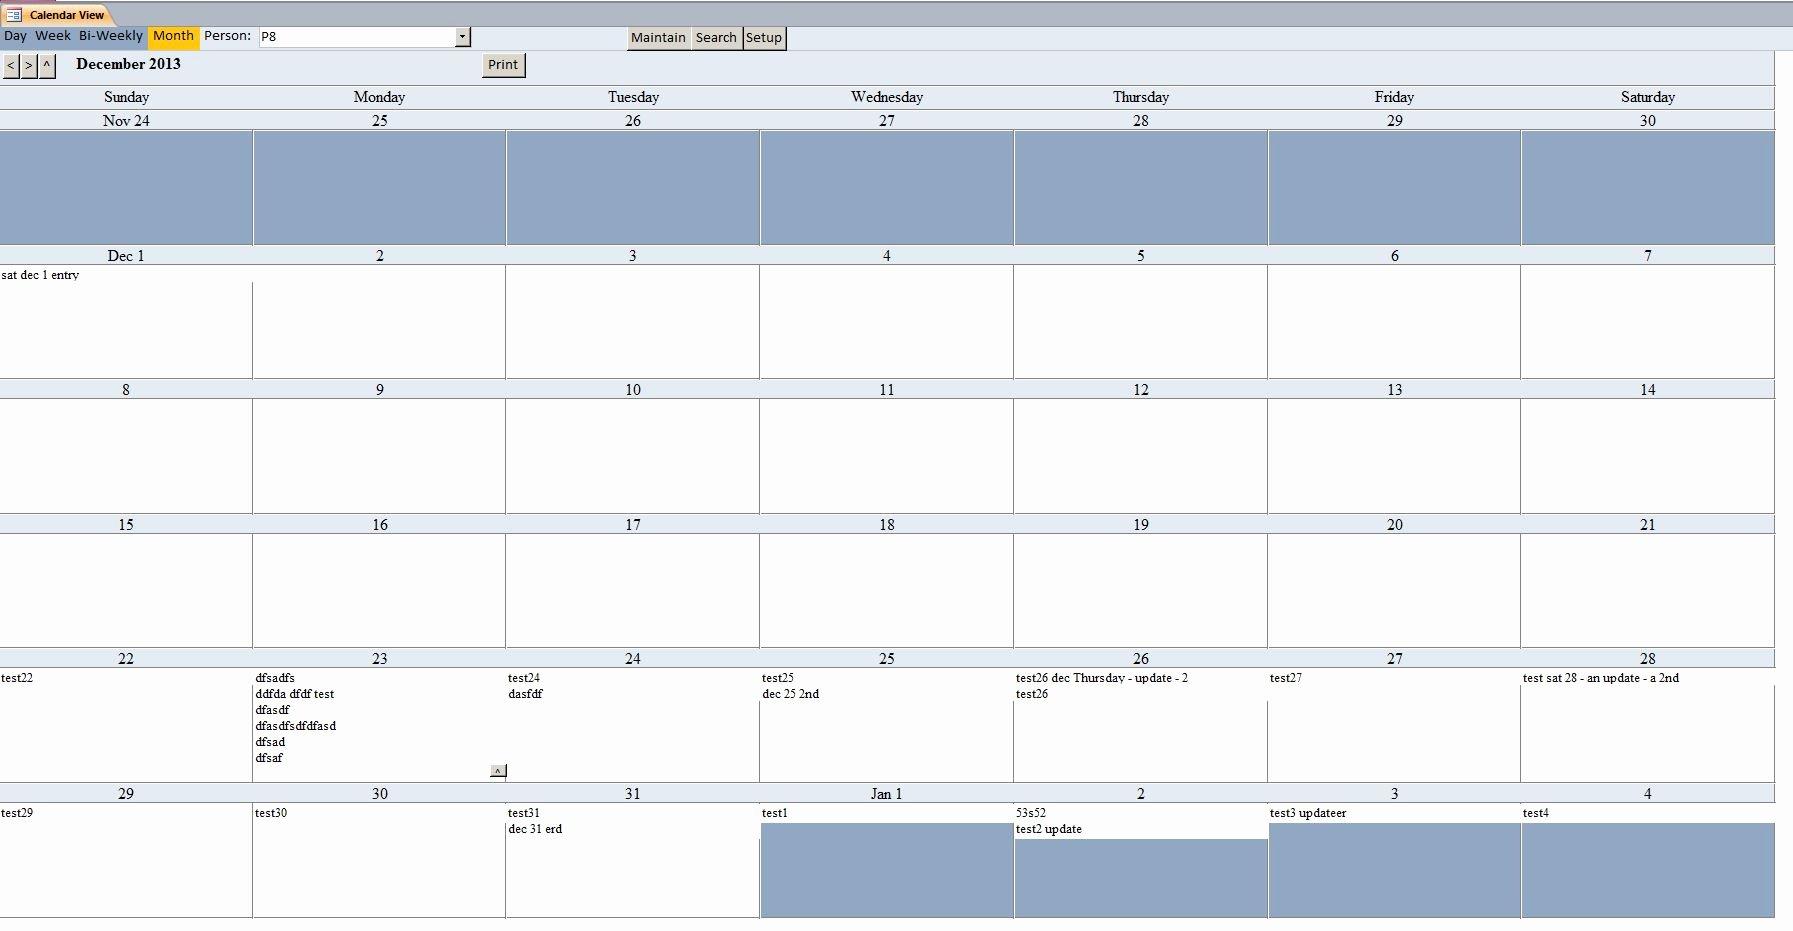 Microsoft Access Scheduler Template Beautiful Basic Microsoft Access Calendar Scheduling Database Template